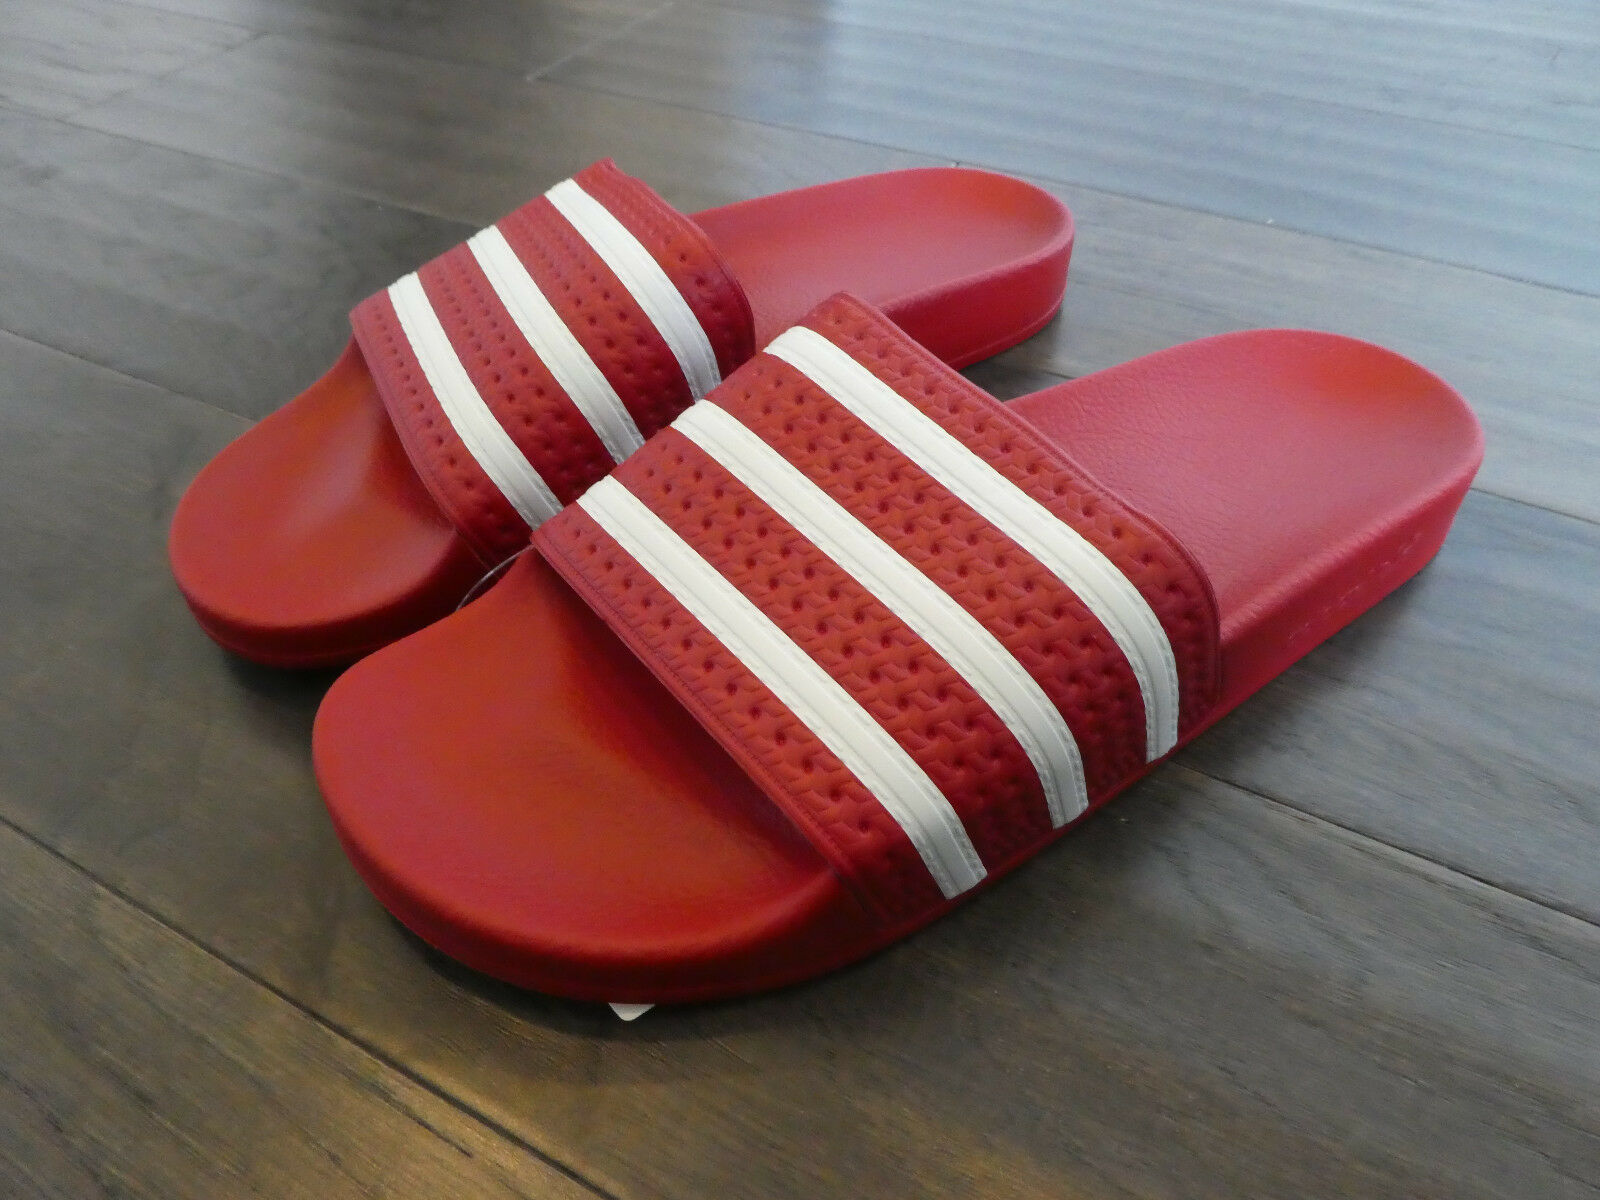 Adidas Adilette slides men's shoes new sandals Light Scarlet Red 288193